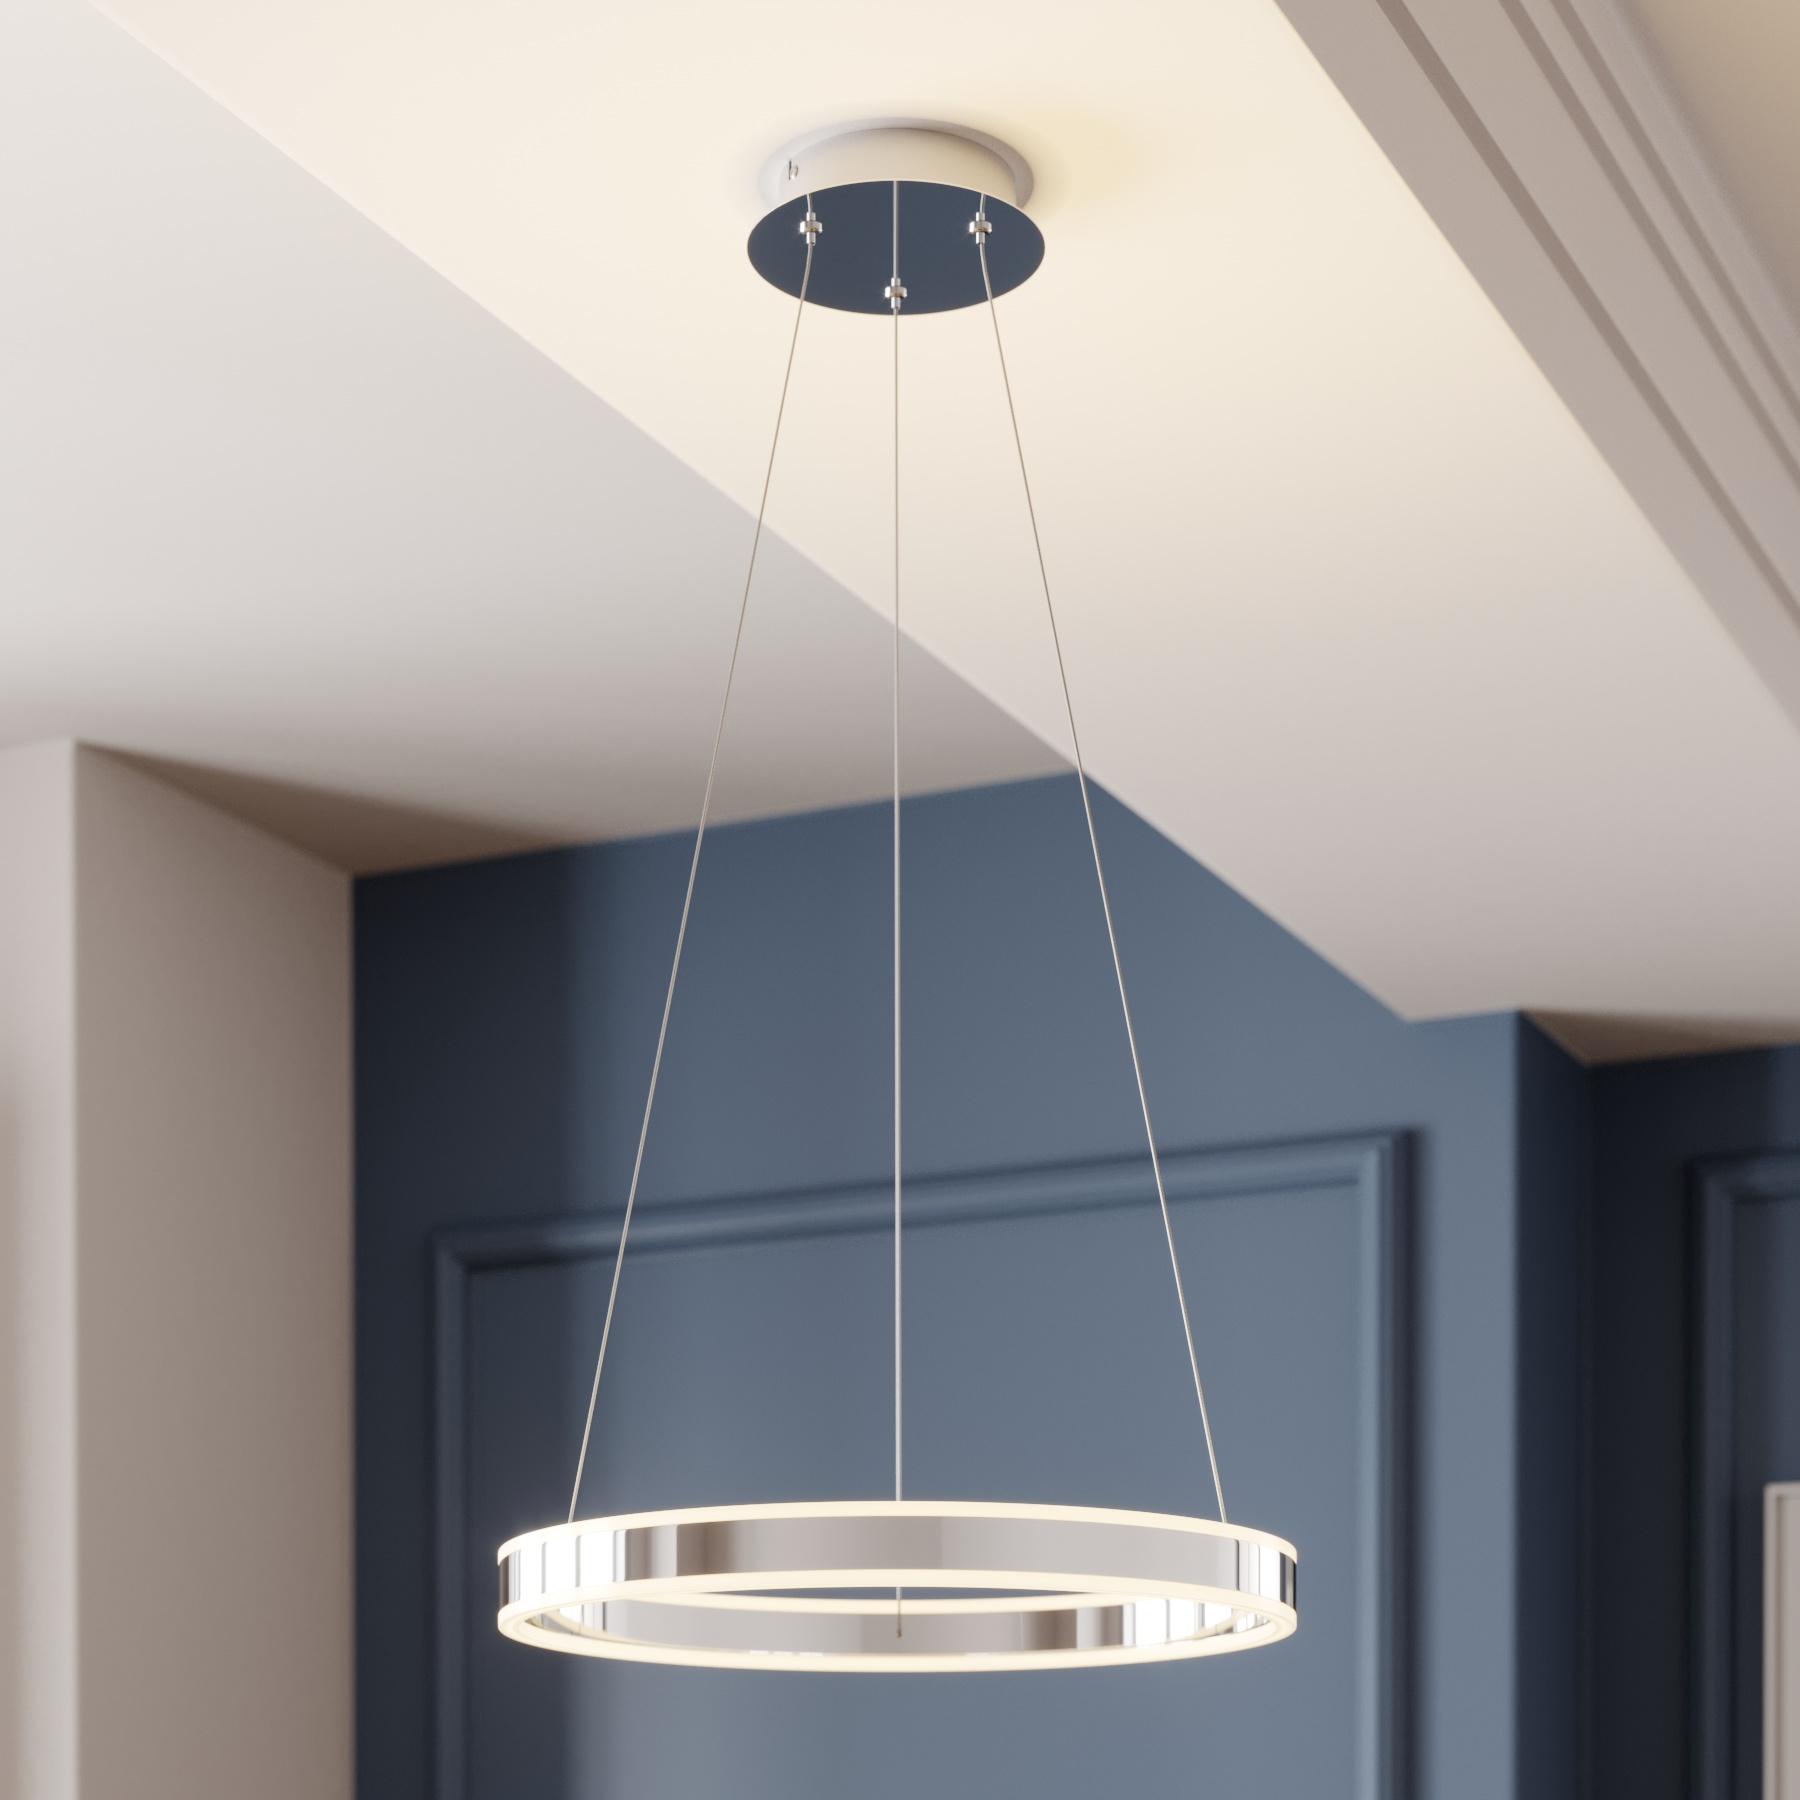 LED hanglamp Lyani in chroom, dimbaar, 50 cm